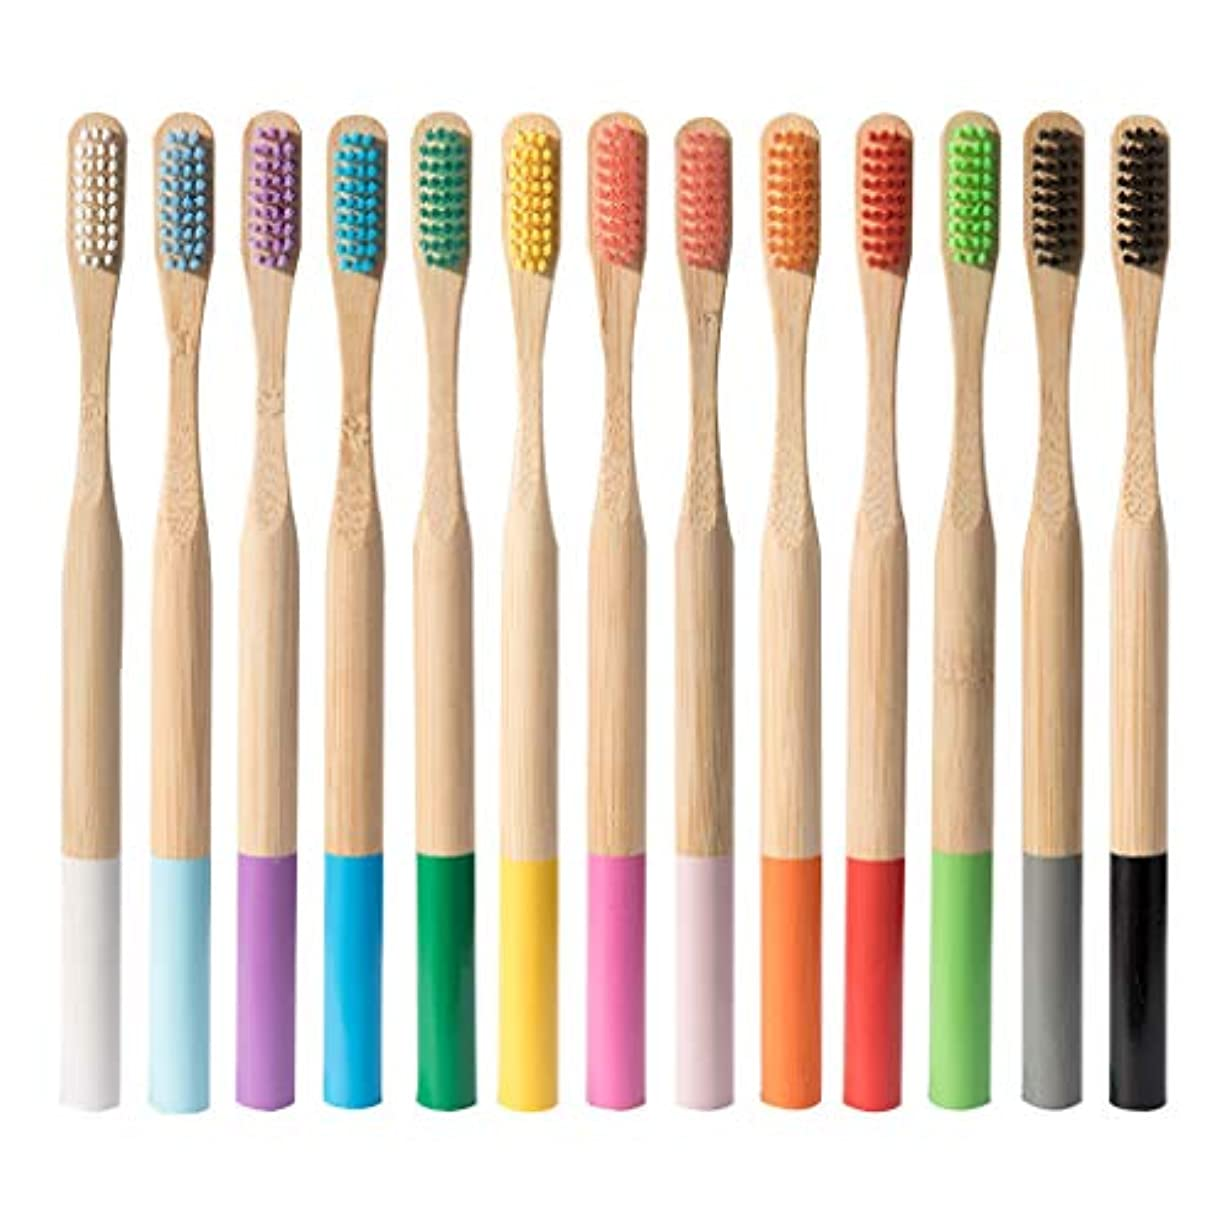 安定しました信条変換Dream ハブラシ 大人用竹の歯ブラシ 歯ブラシ 天然木 環境保護 柔らかい (多色)